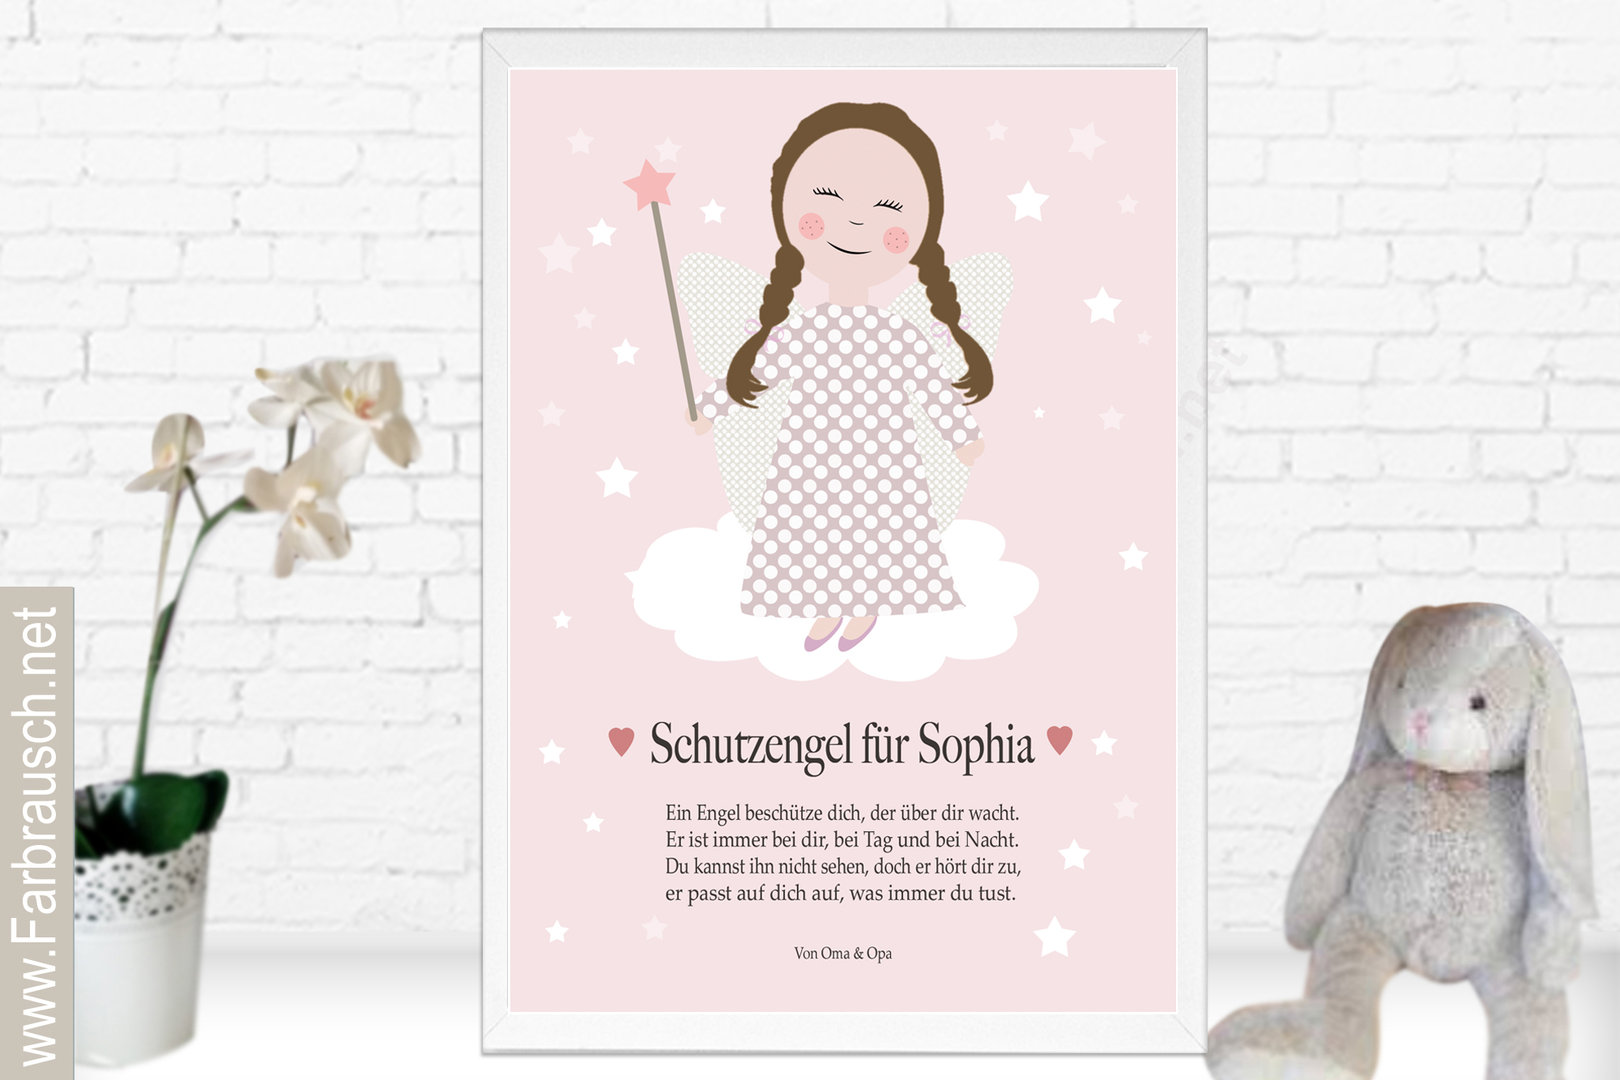 Persönliches Schutzengel Bild Für Kinder Geschenk Taufe Oder Geburt